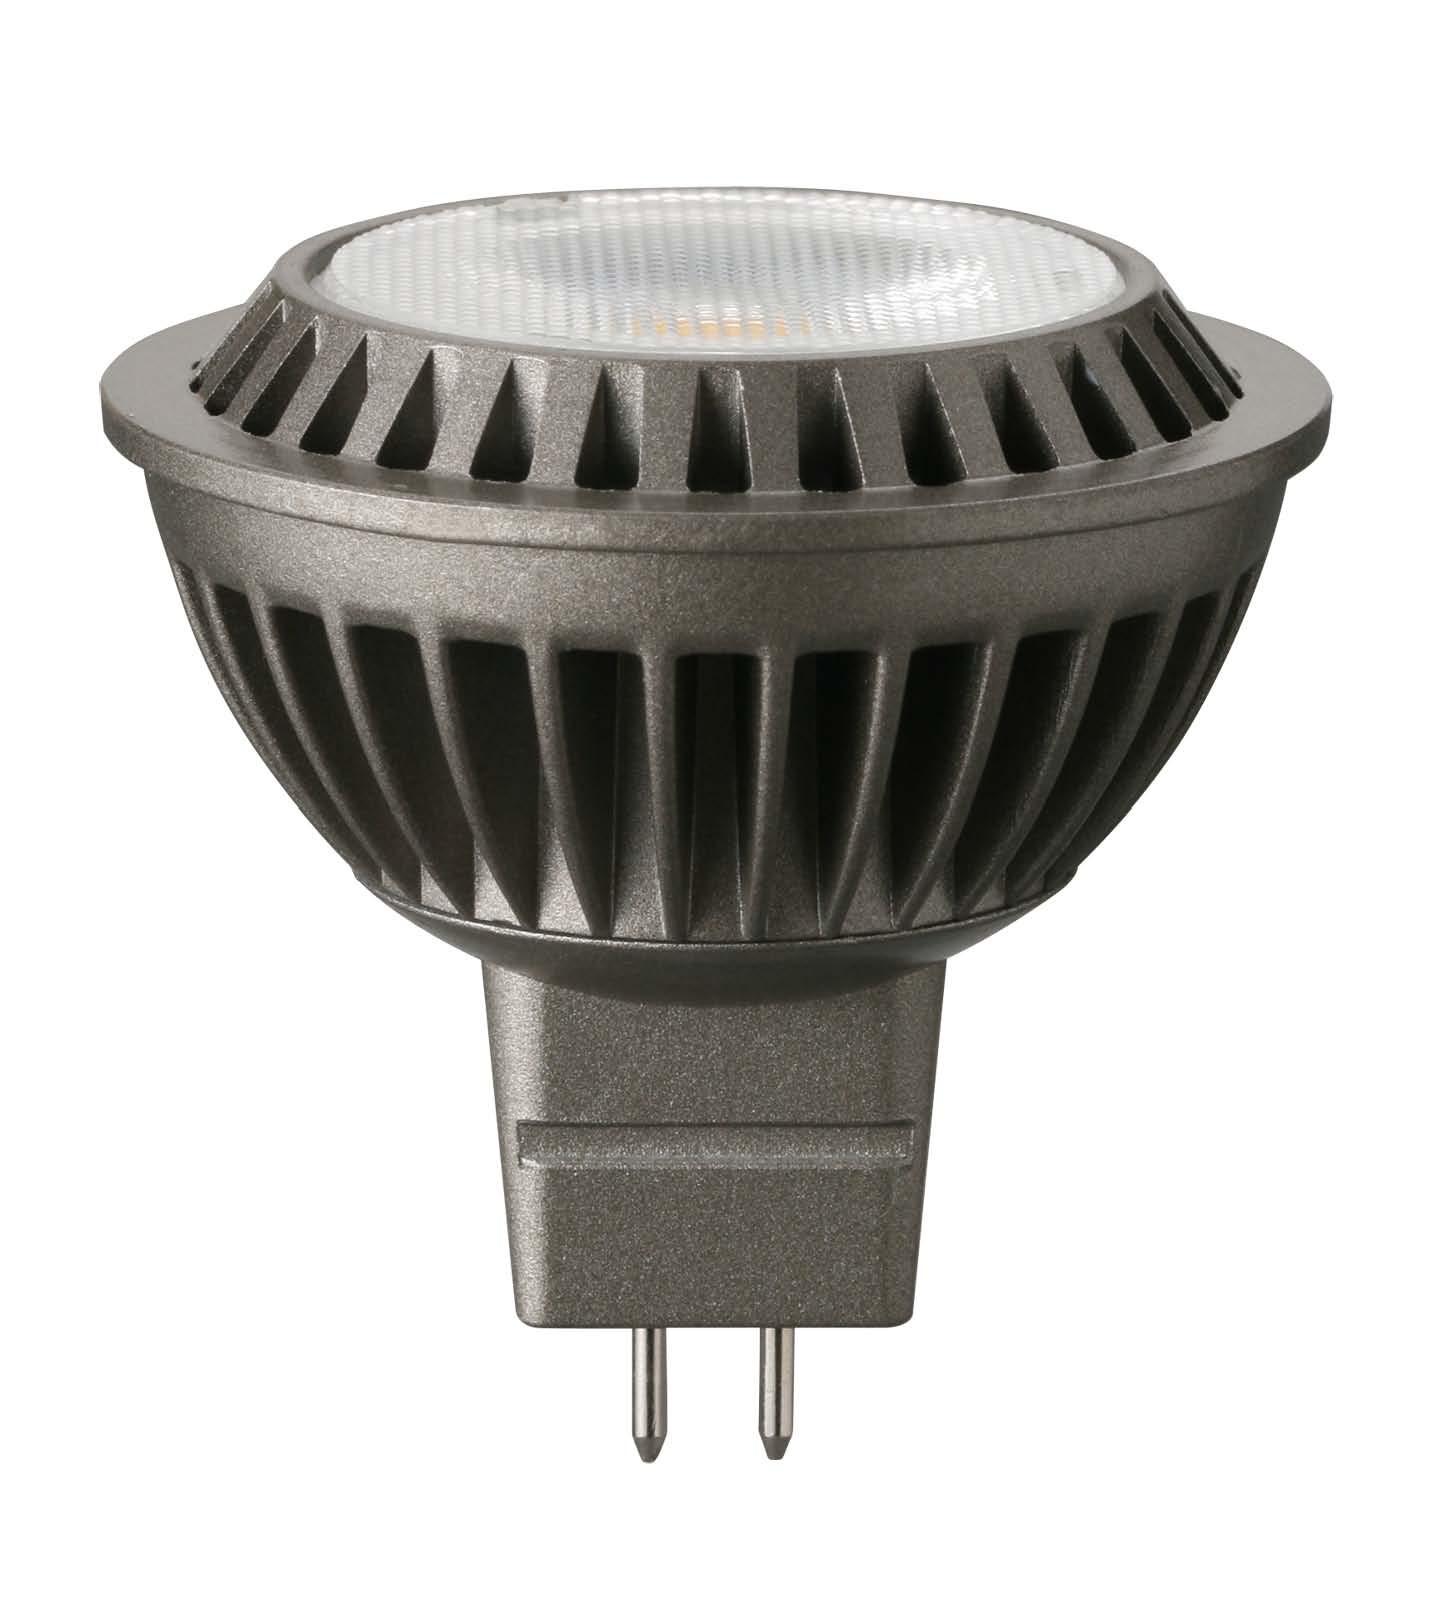 PANASONIC LED REFLEKTOR 6W 2700K DIM GU5.3